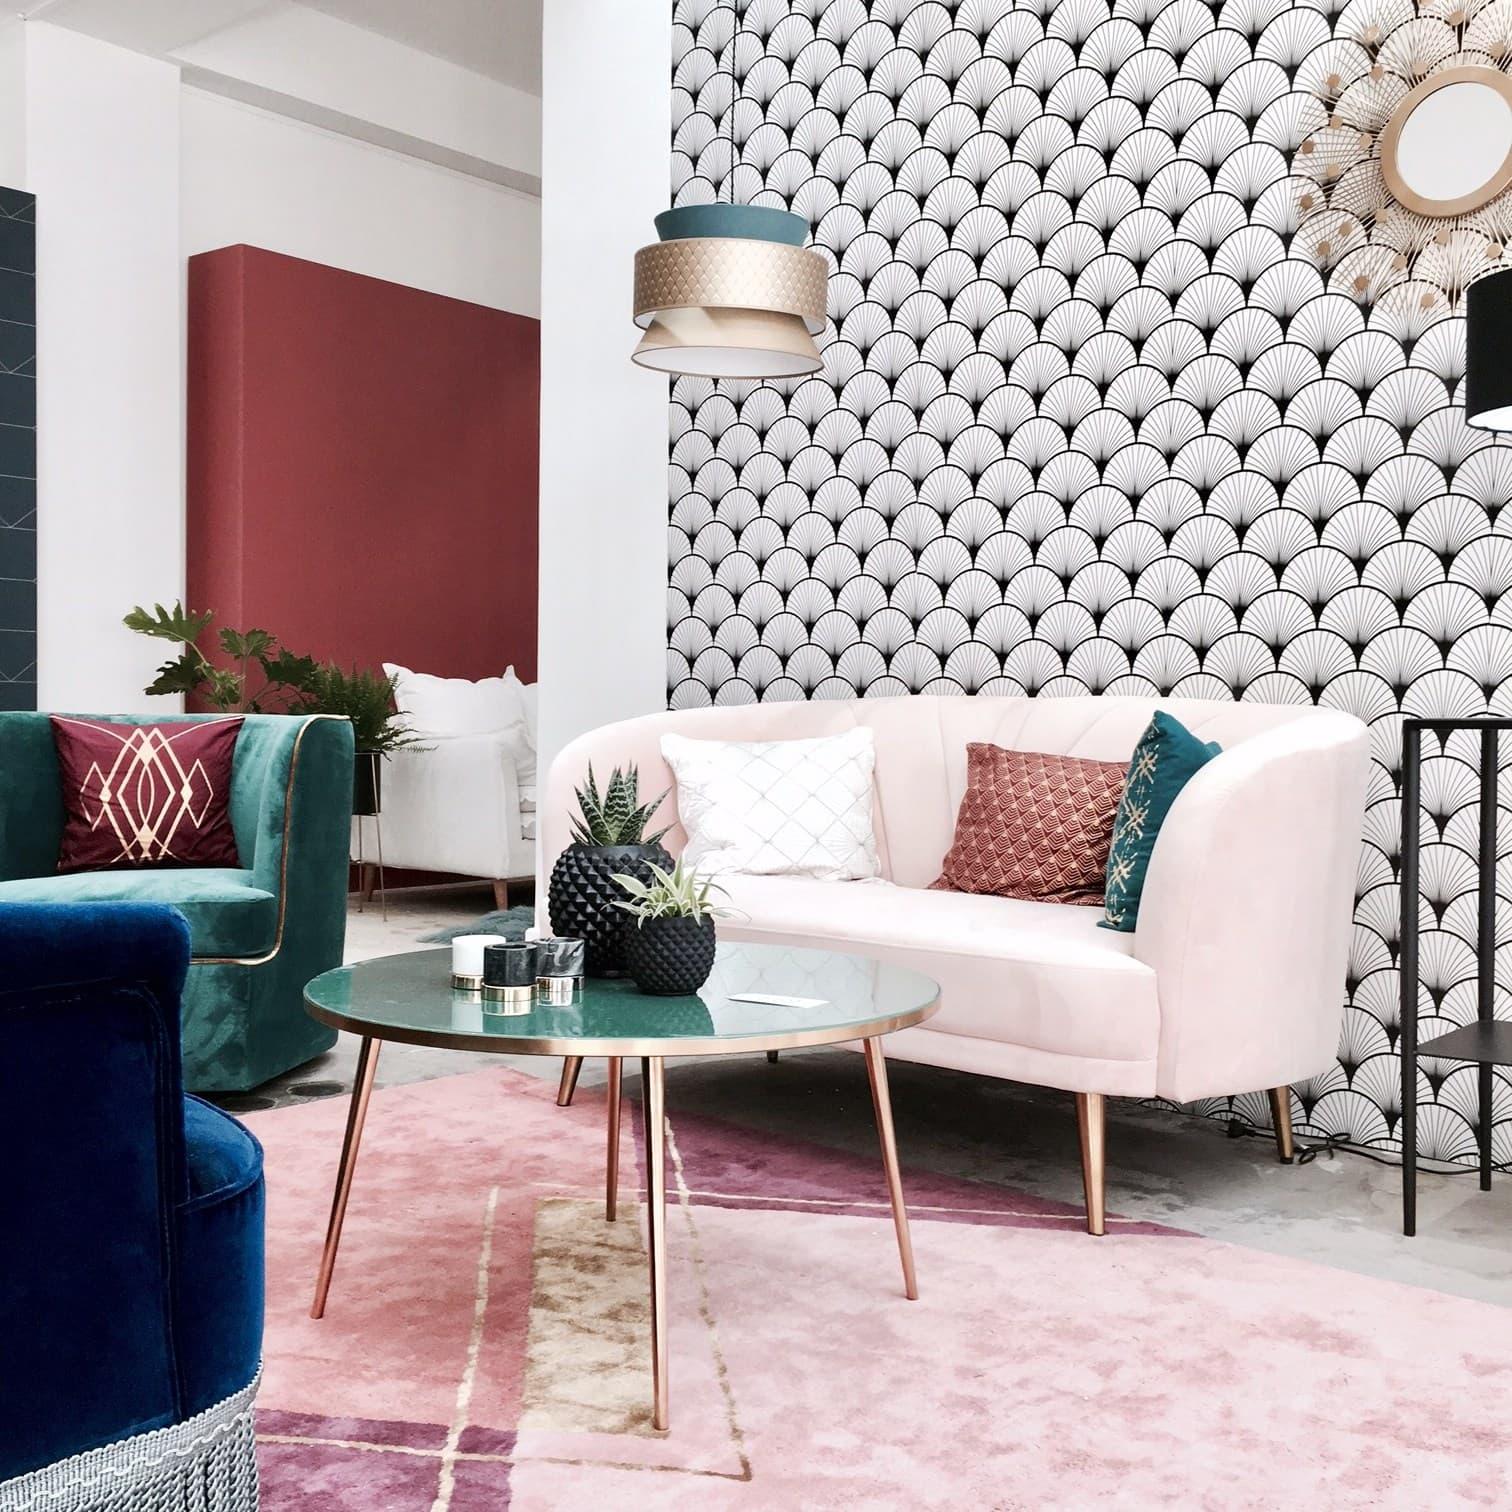 Стильный современный дизайн гостиной с красивыми обоями